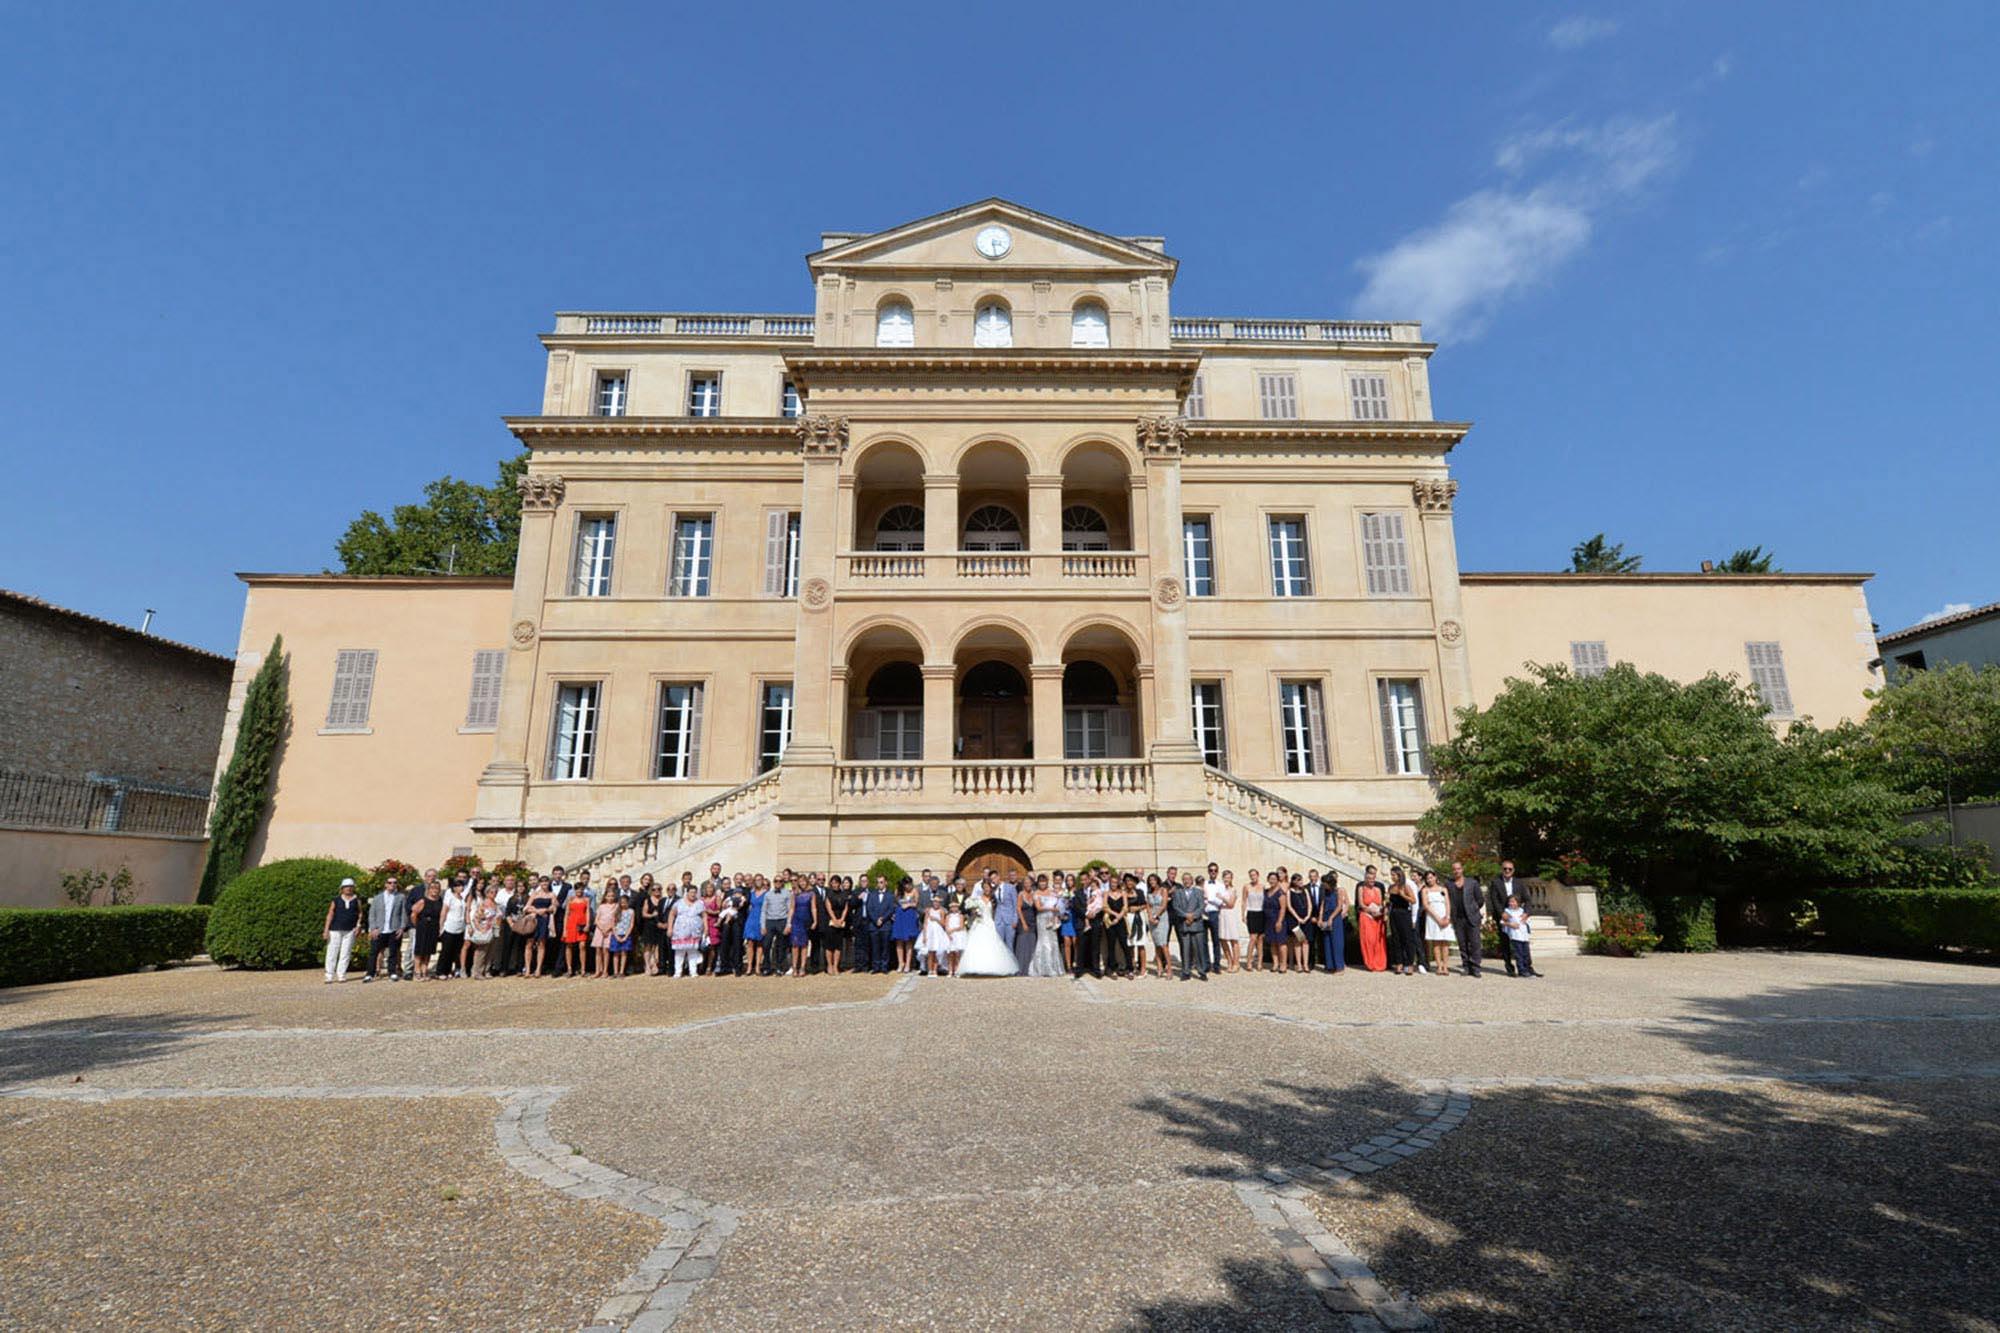 photographe-mariage-aix-en-provence-groupe